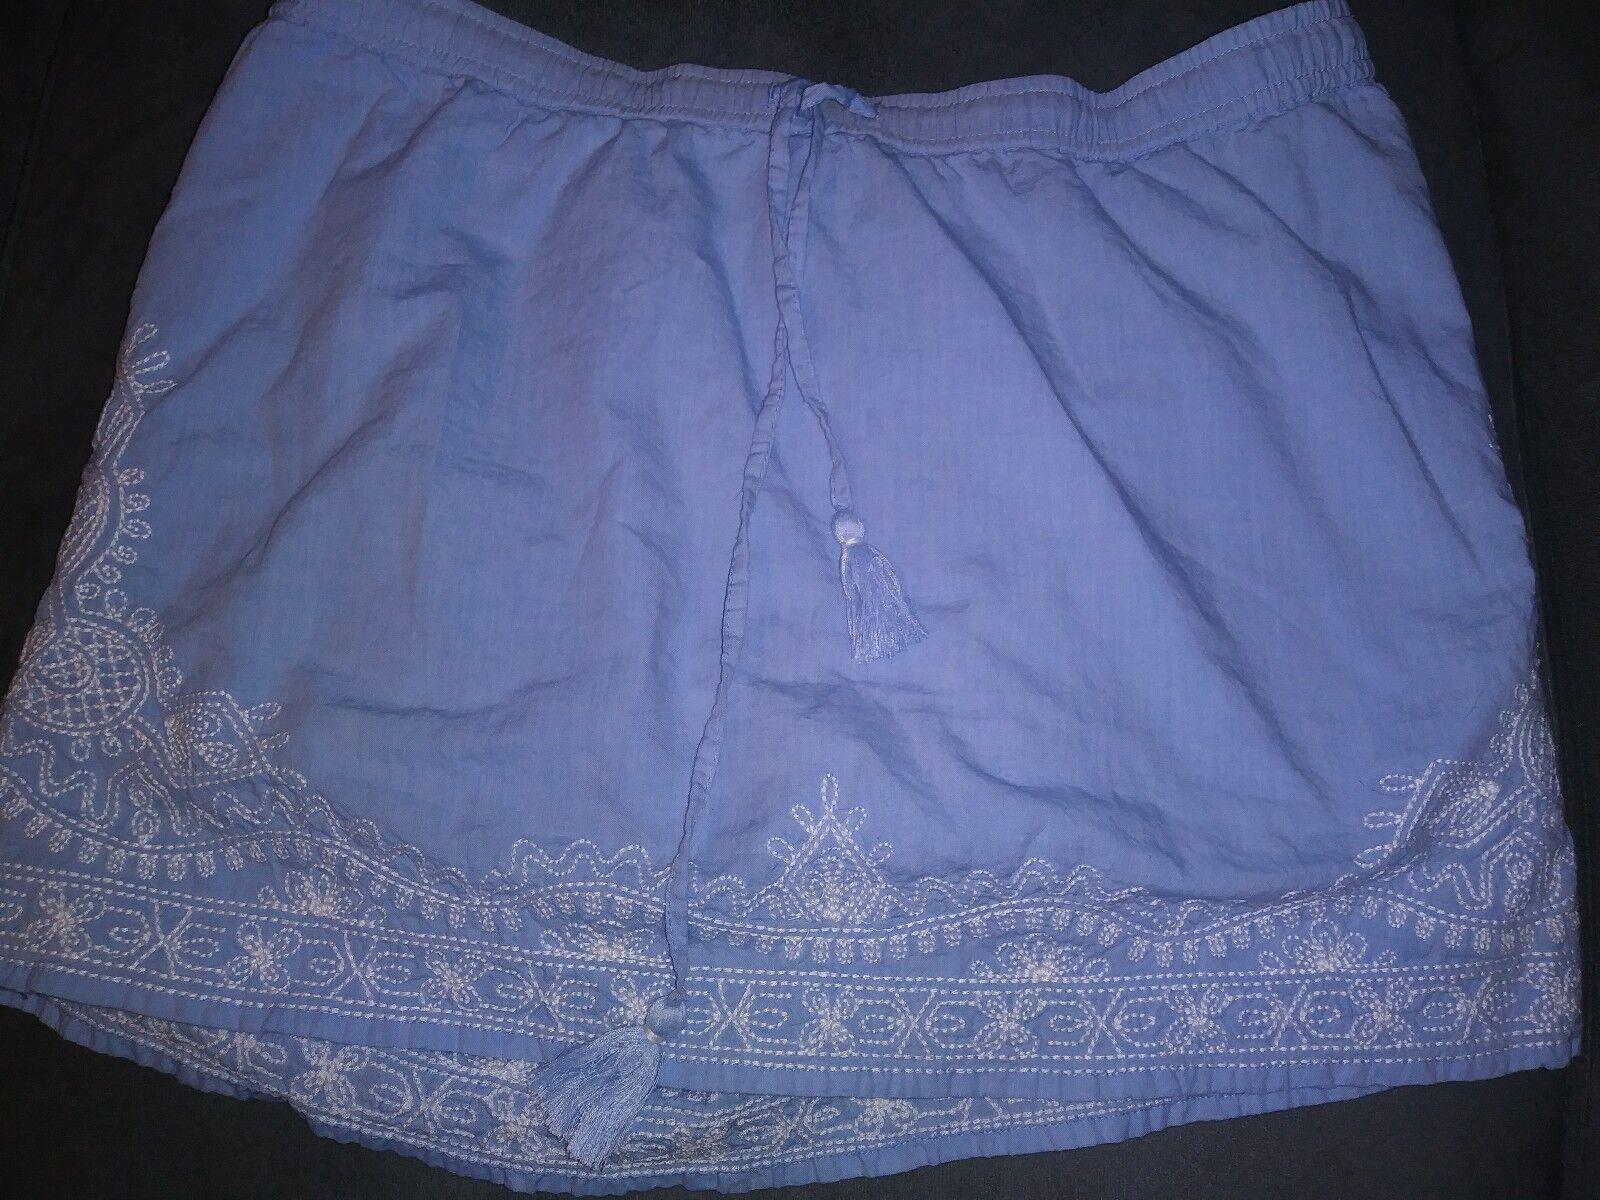 Vineyard Vines Light bluee White Embroidery Tassles Skirt Preppy Women's Sz S